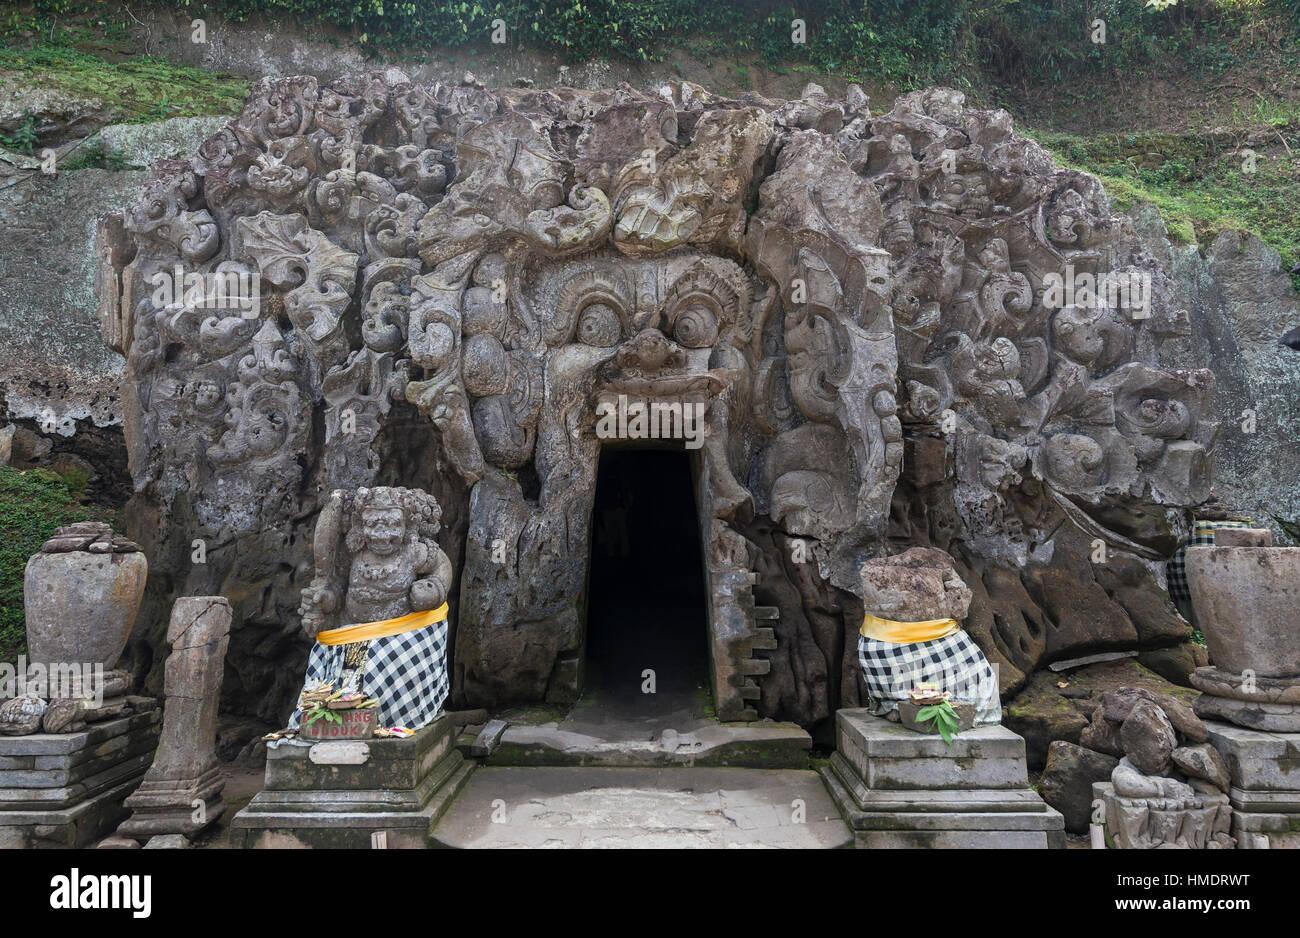 Gajah stock photos images alamy